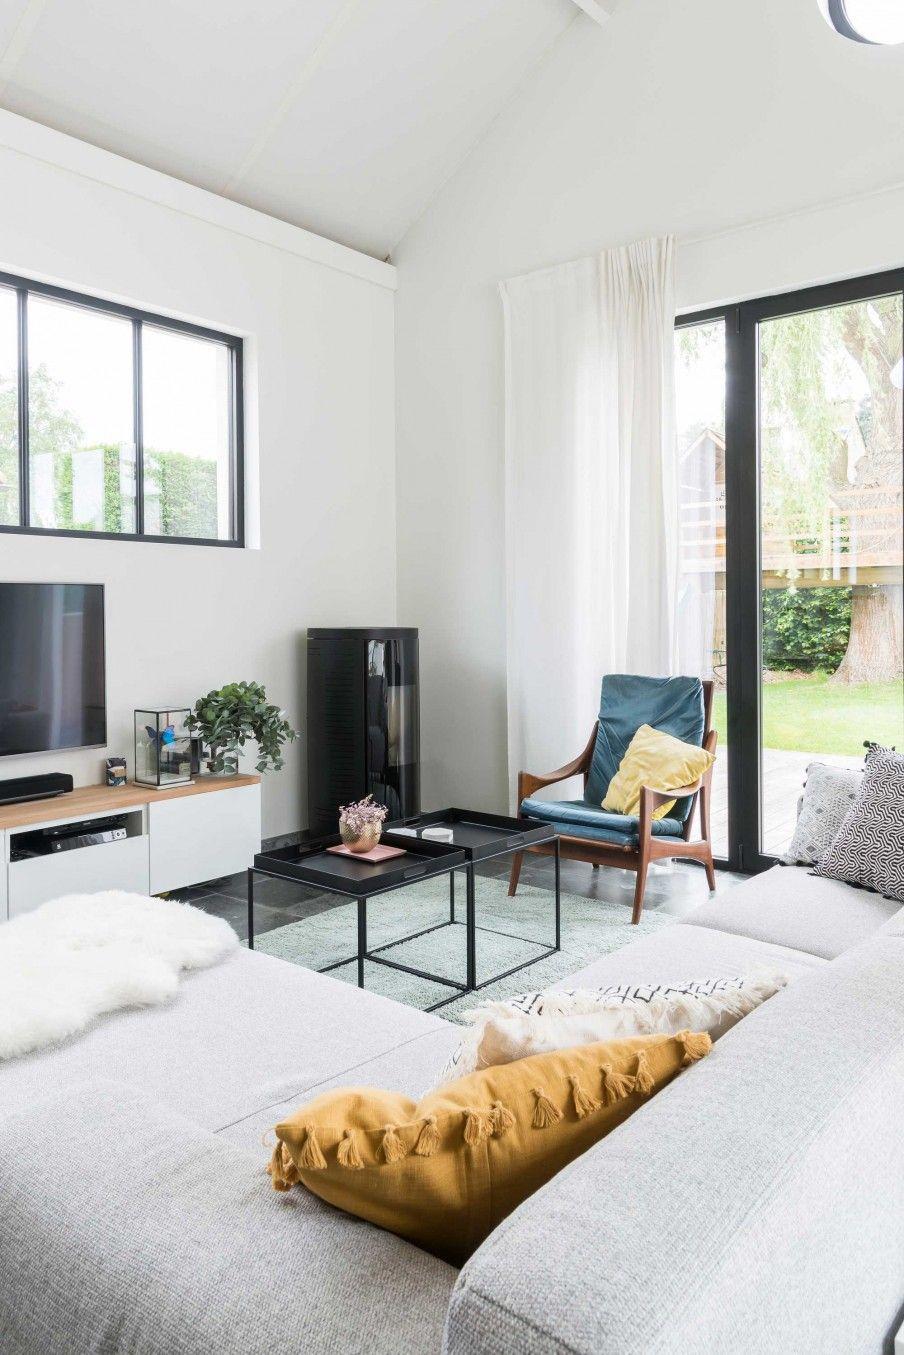 Woonkamer met grijze bank en zwarte tafeltjes | Living room with ...